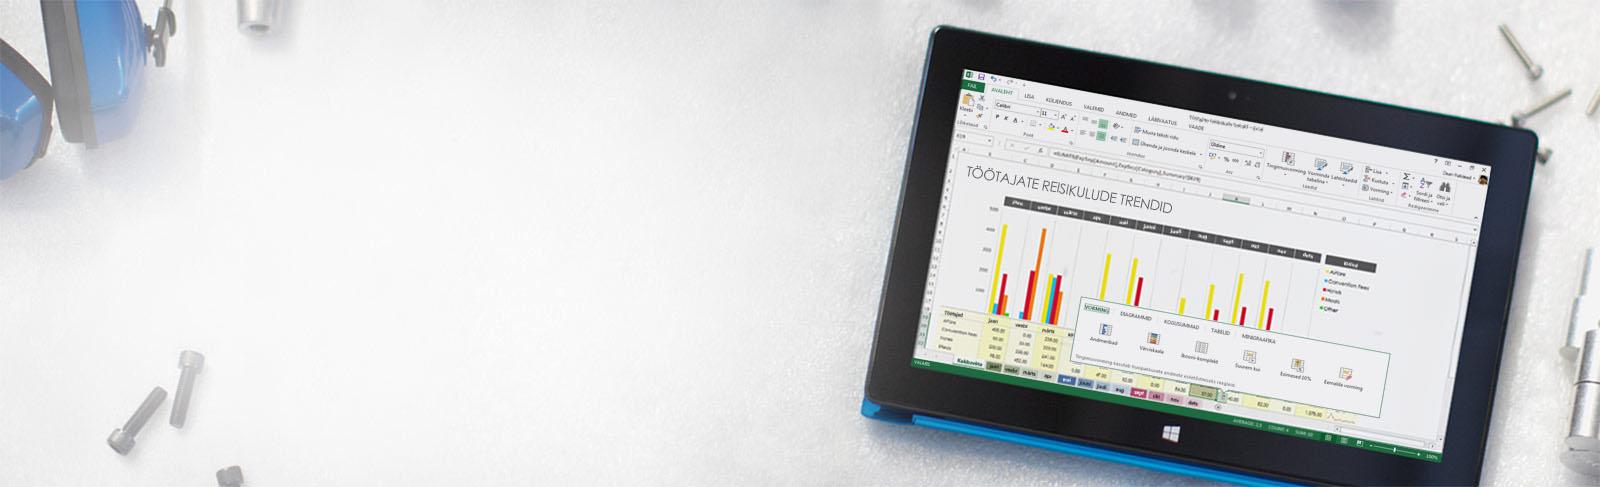 Office 365 – äritööriistad, millele saab kindel olla. Alati. Kõikjal.